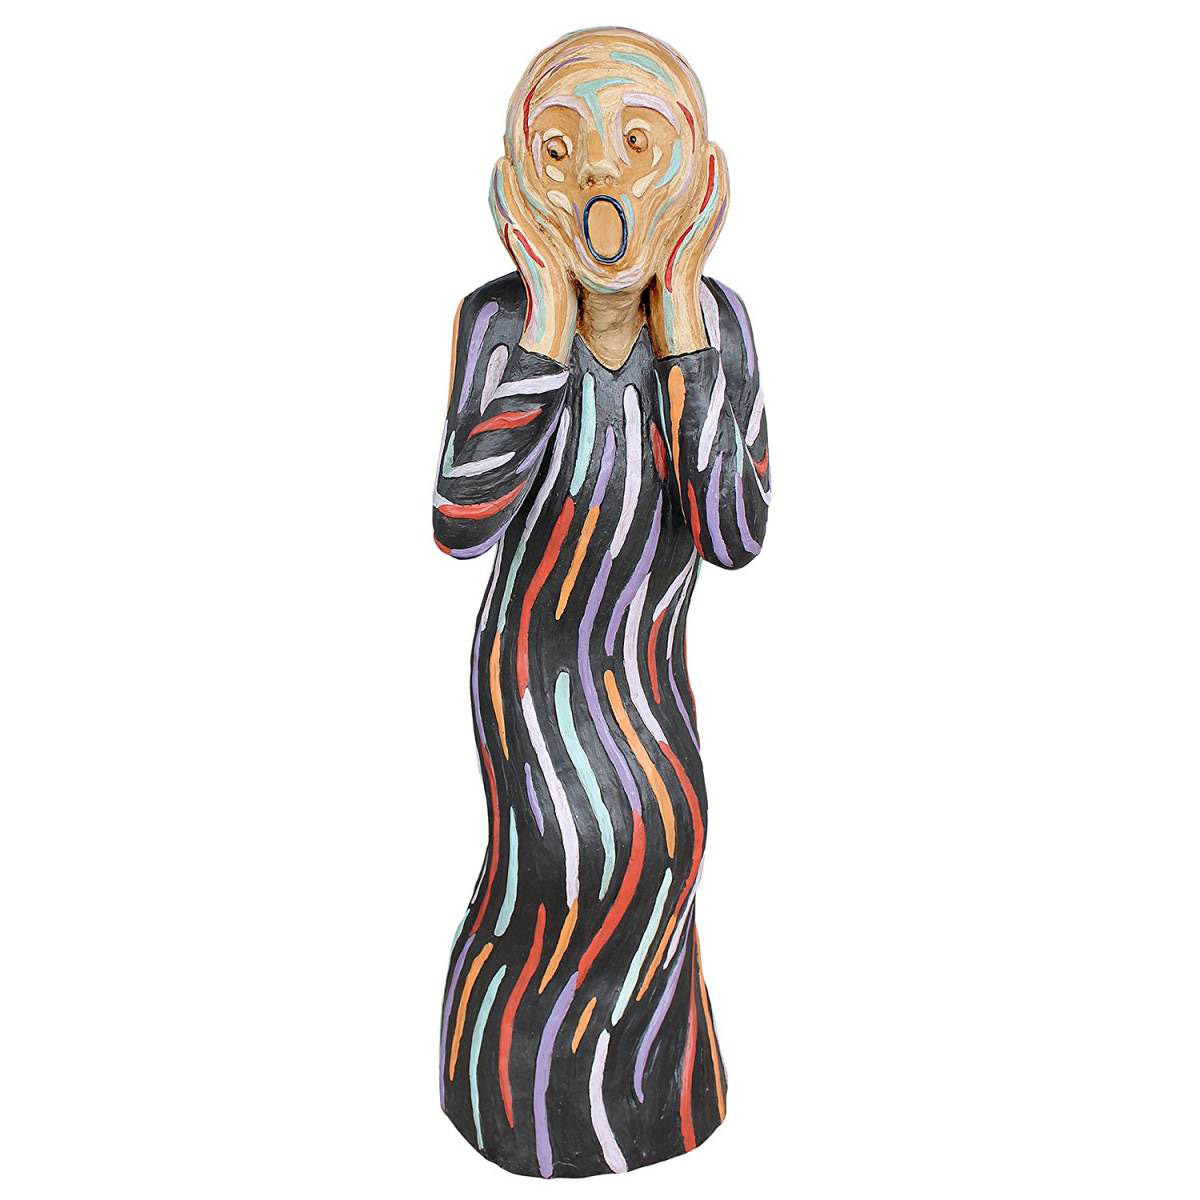 デザイン・トスカノ製 ムンク の叫び (エドヴァルド・ムンク)サイレントスクリーム像、中サイズ、マルチカラー 彫像 彫刻(輸入品